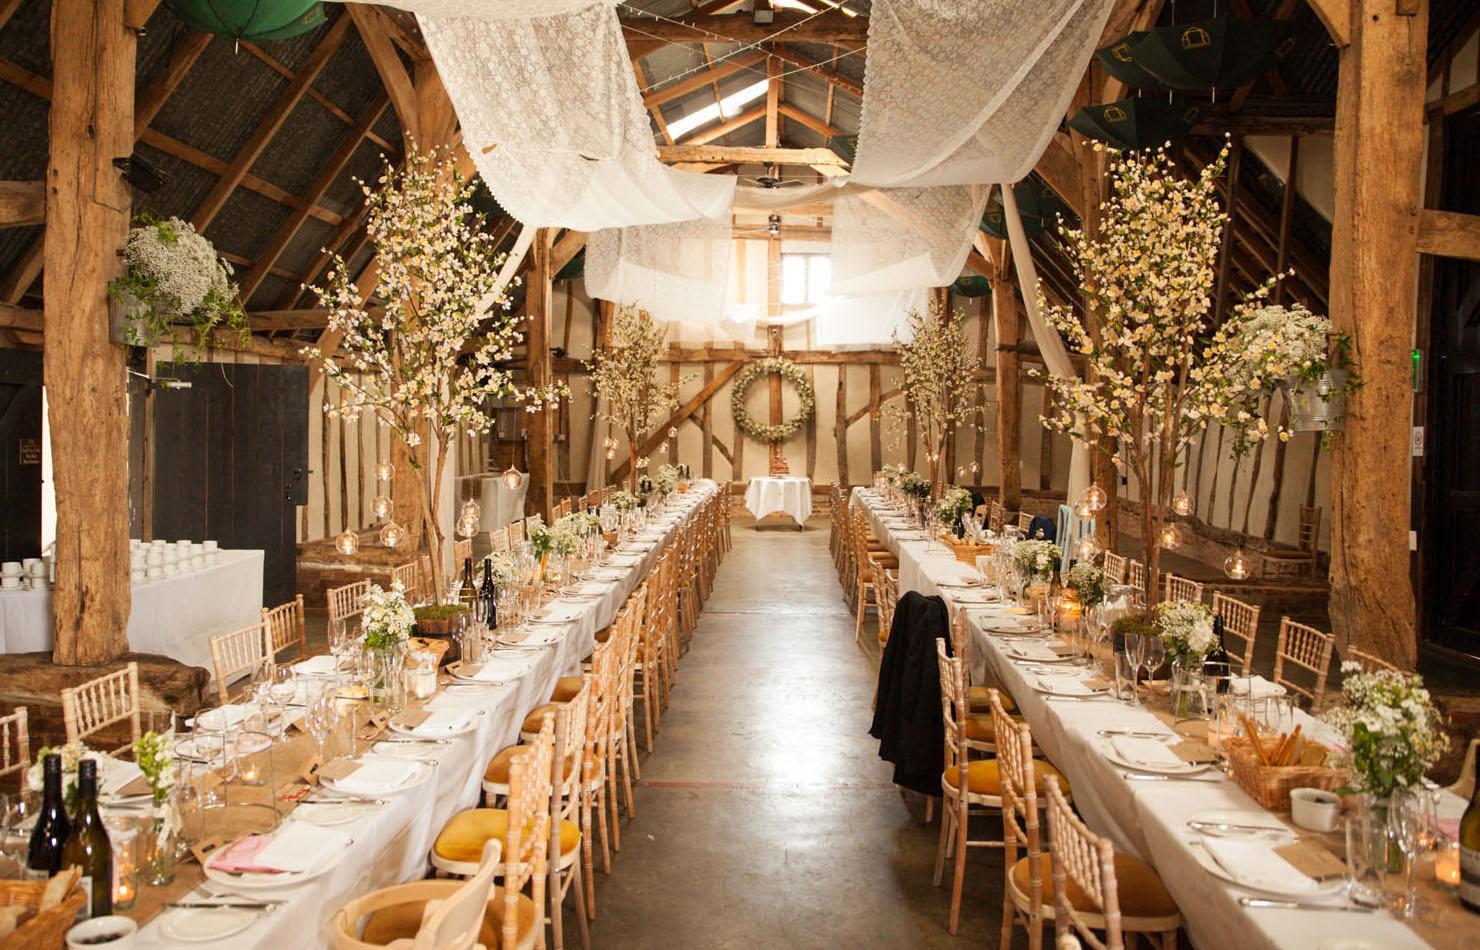 Wedding Day At Alpheton Hall Barns Essex Find A Wedding Venue